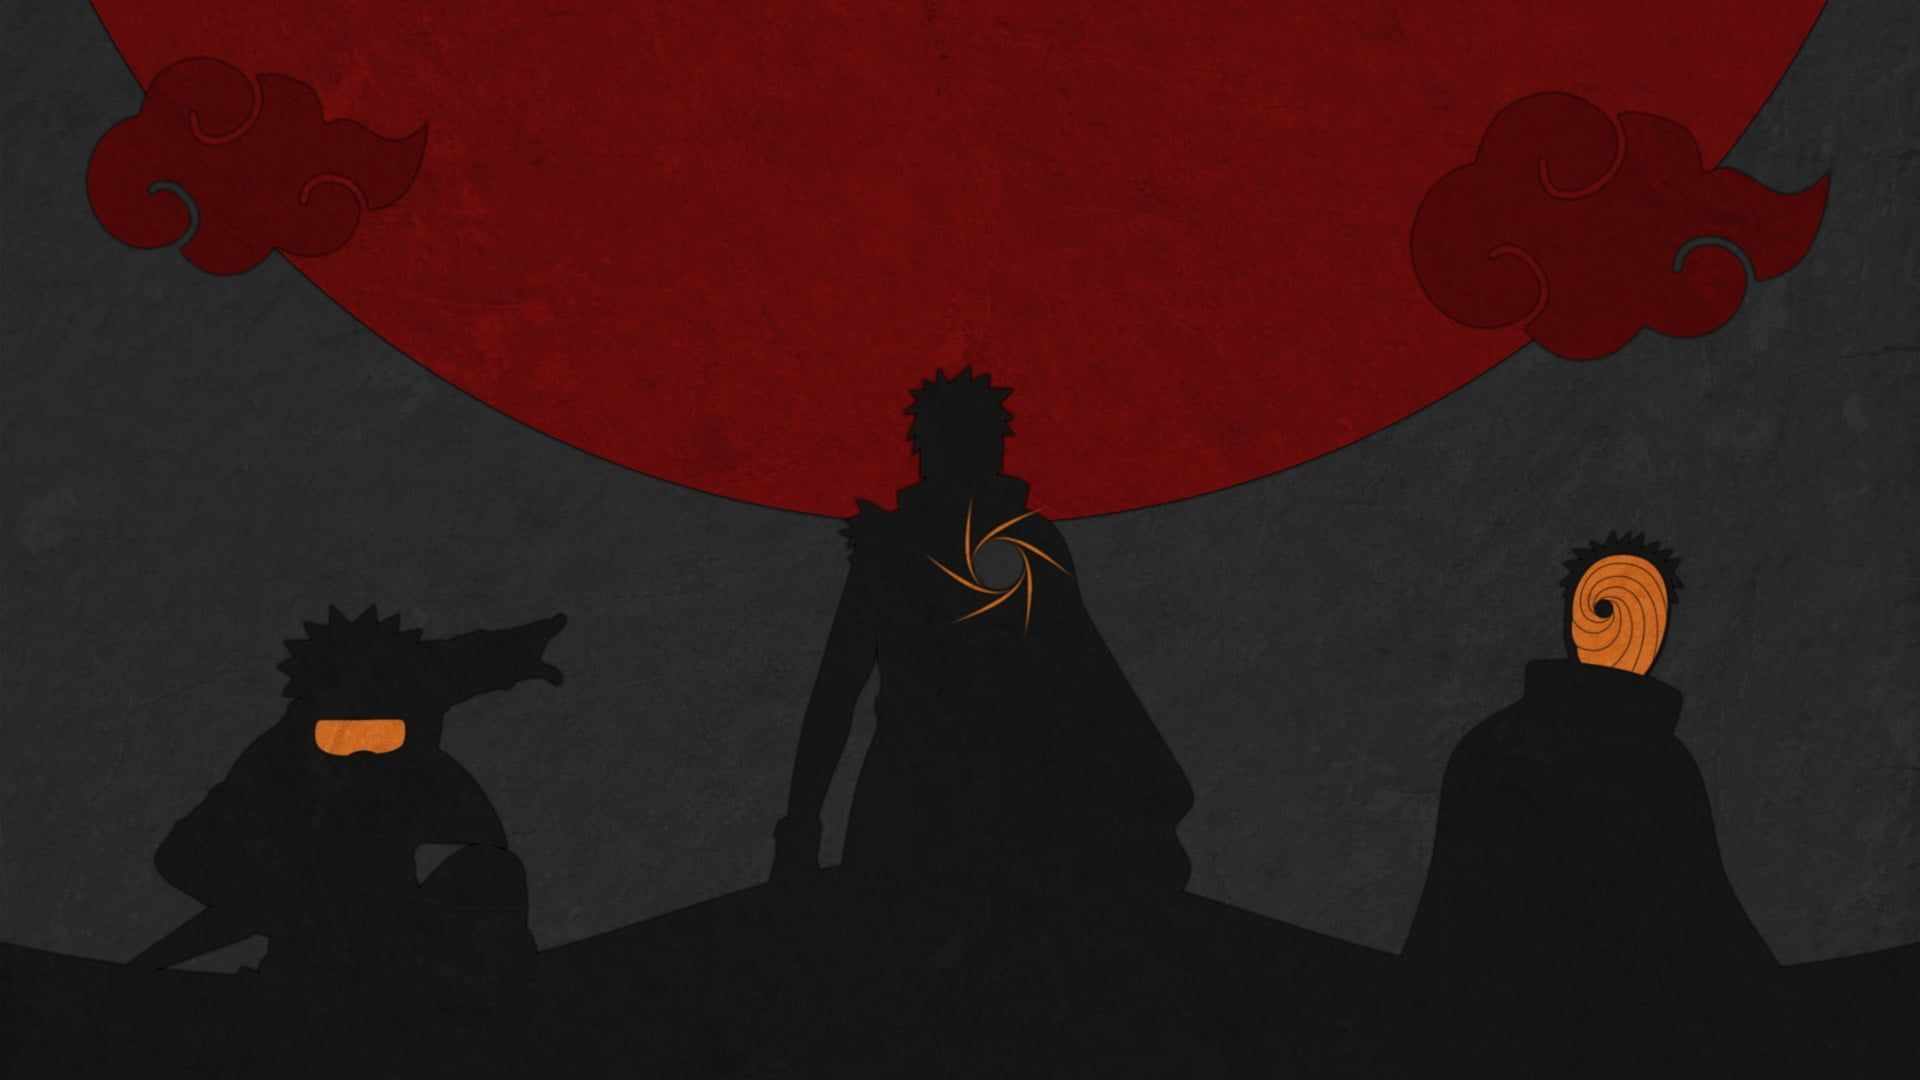 1080p Naruto Dark Wallpaper Doraemon Naruto Wallpaper Dark Wallpaper Wallpaper Naruto Shippuden